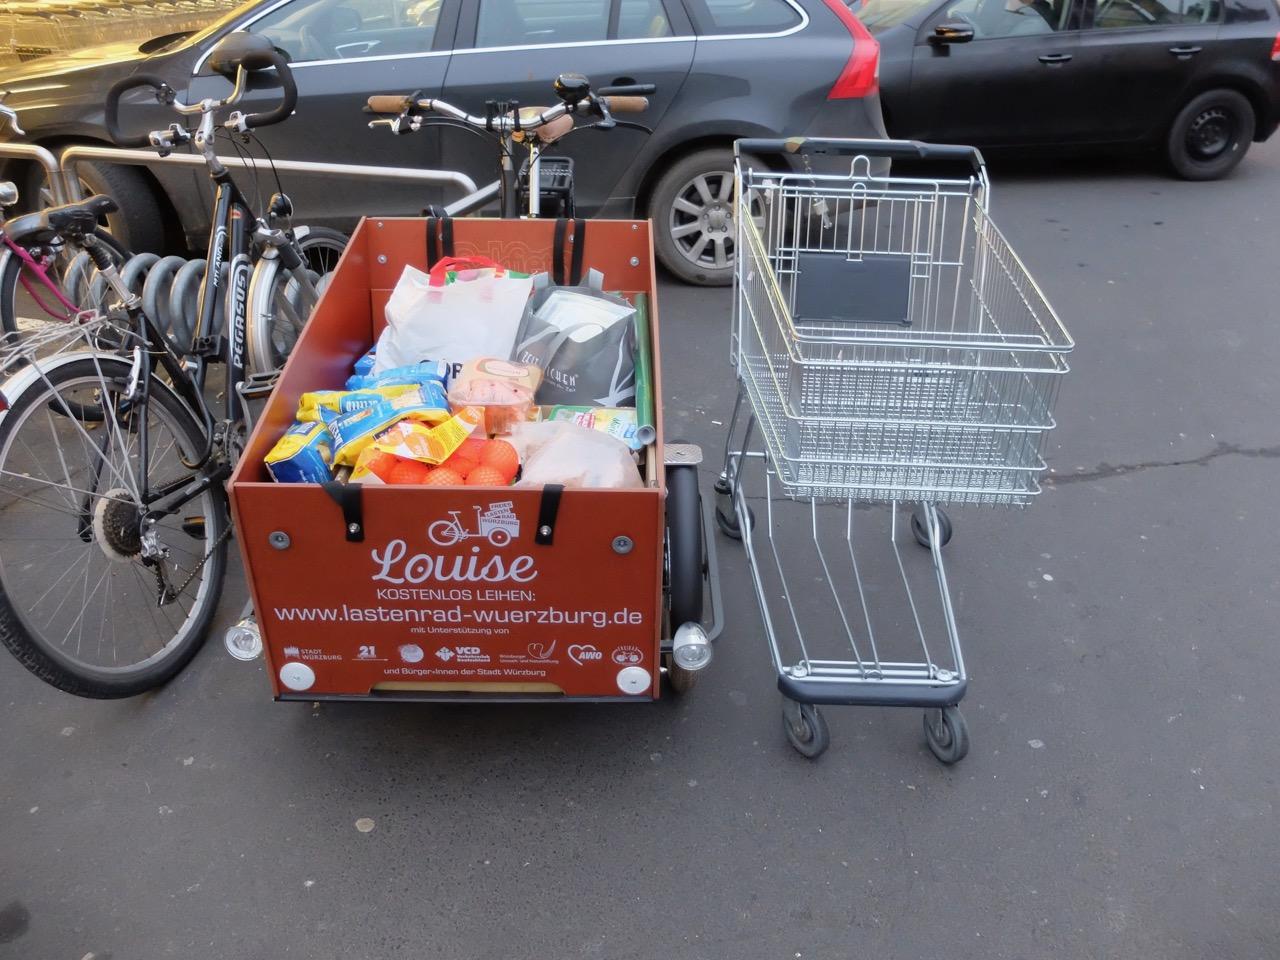 Einkauf mit E-Lastenrad Louise